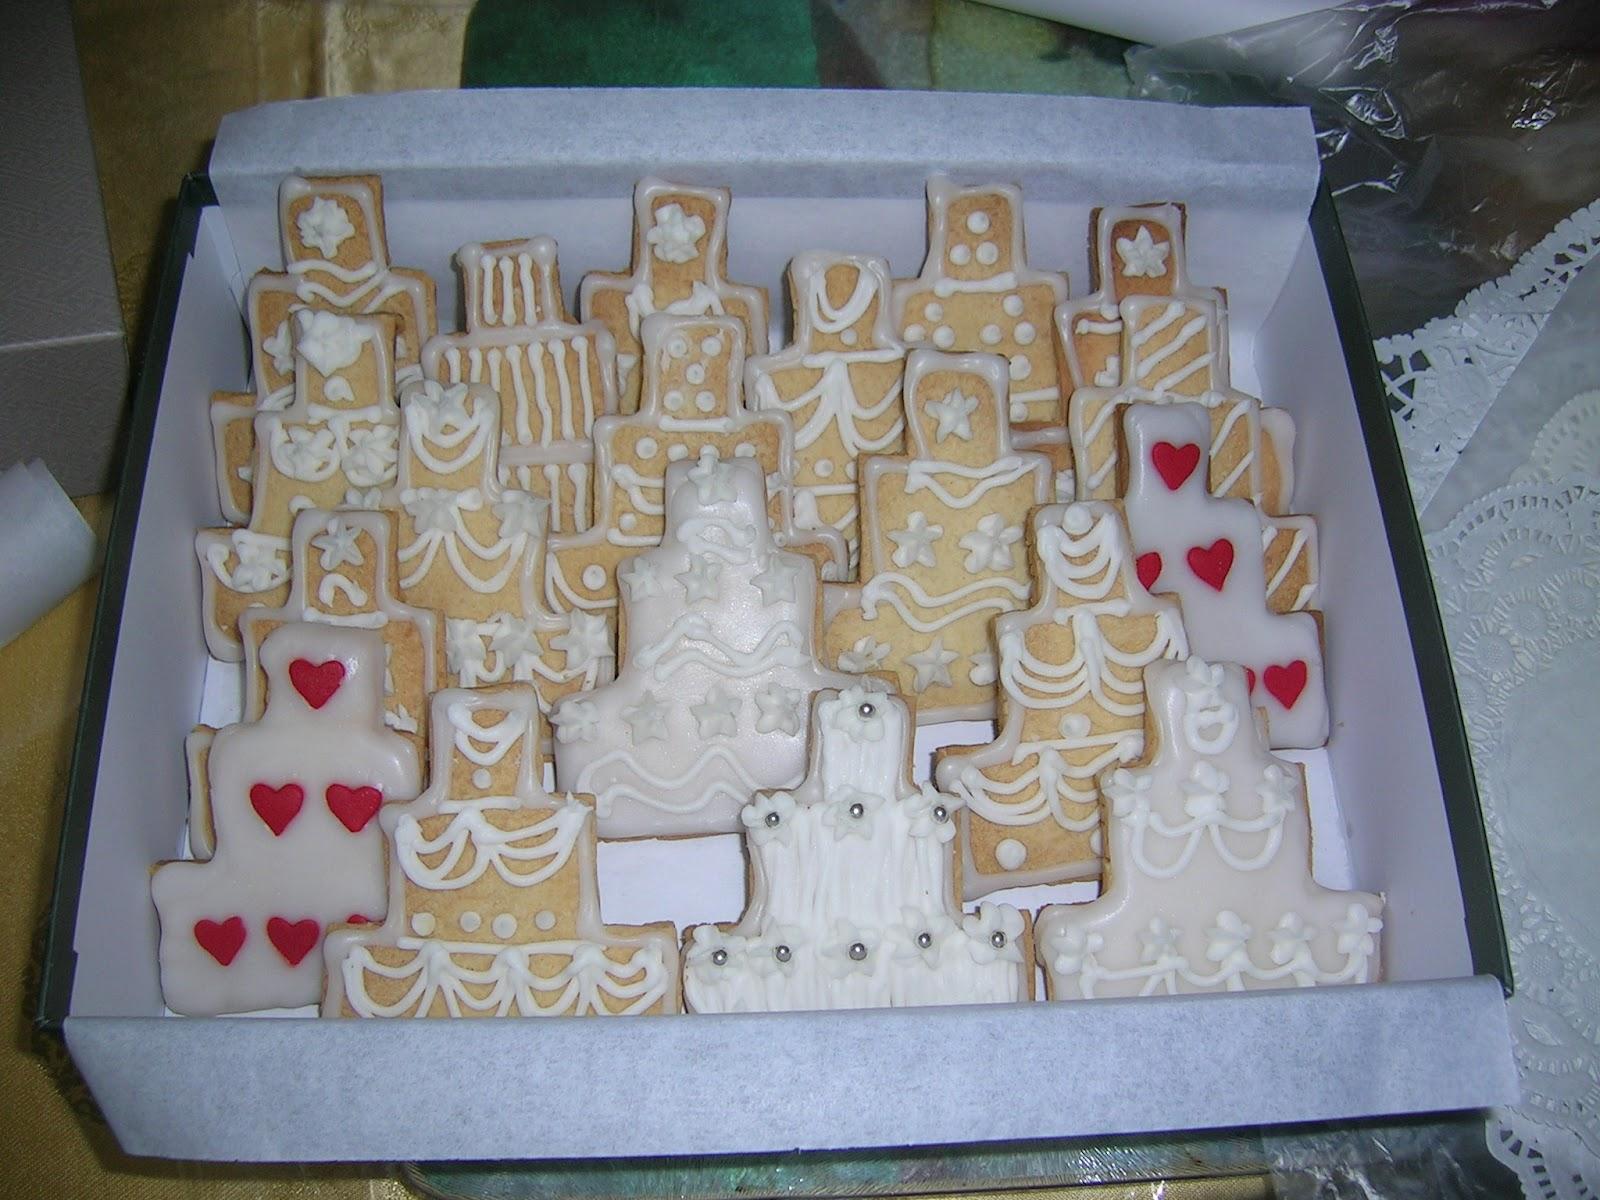 Cookies For Wedding Door Gift : Designer Cookie3-Tier Wedding Cake, packed as gift box